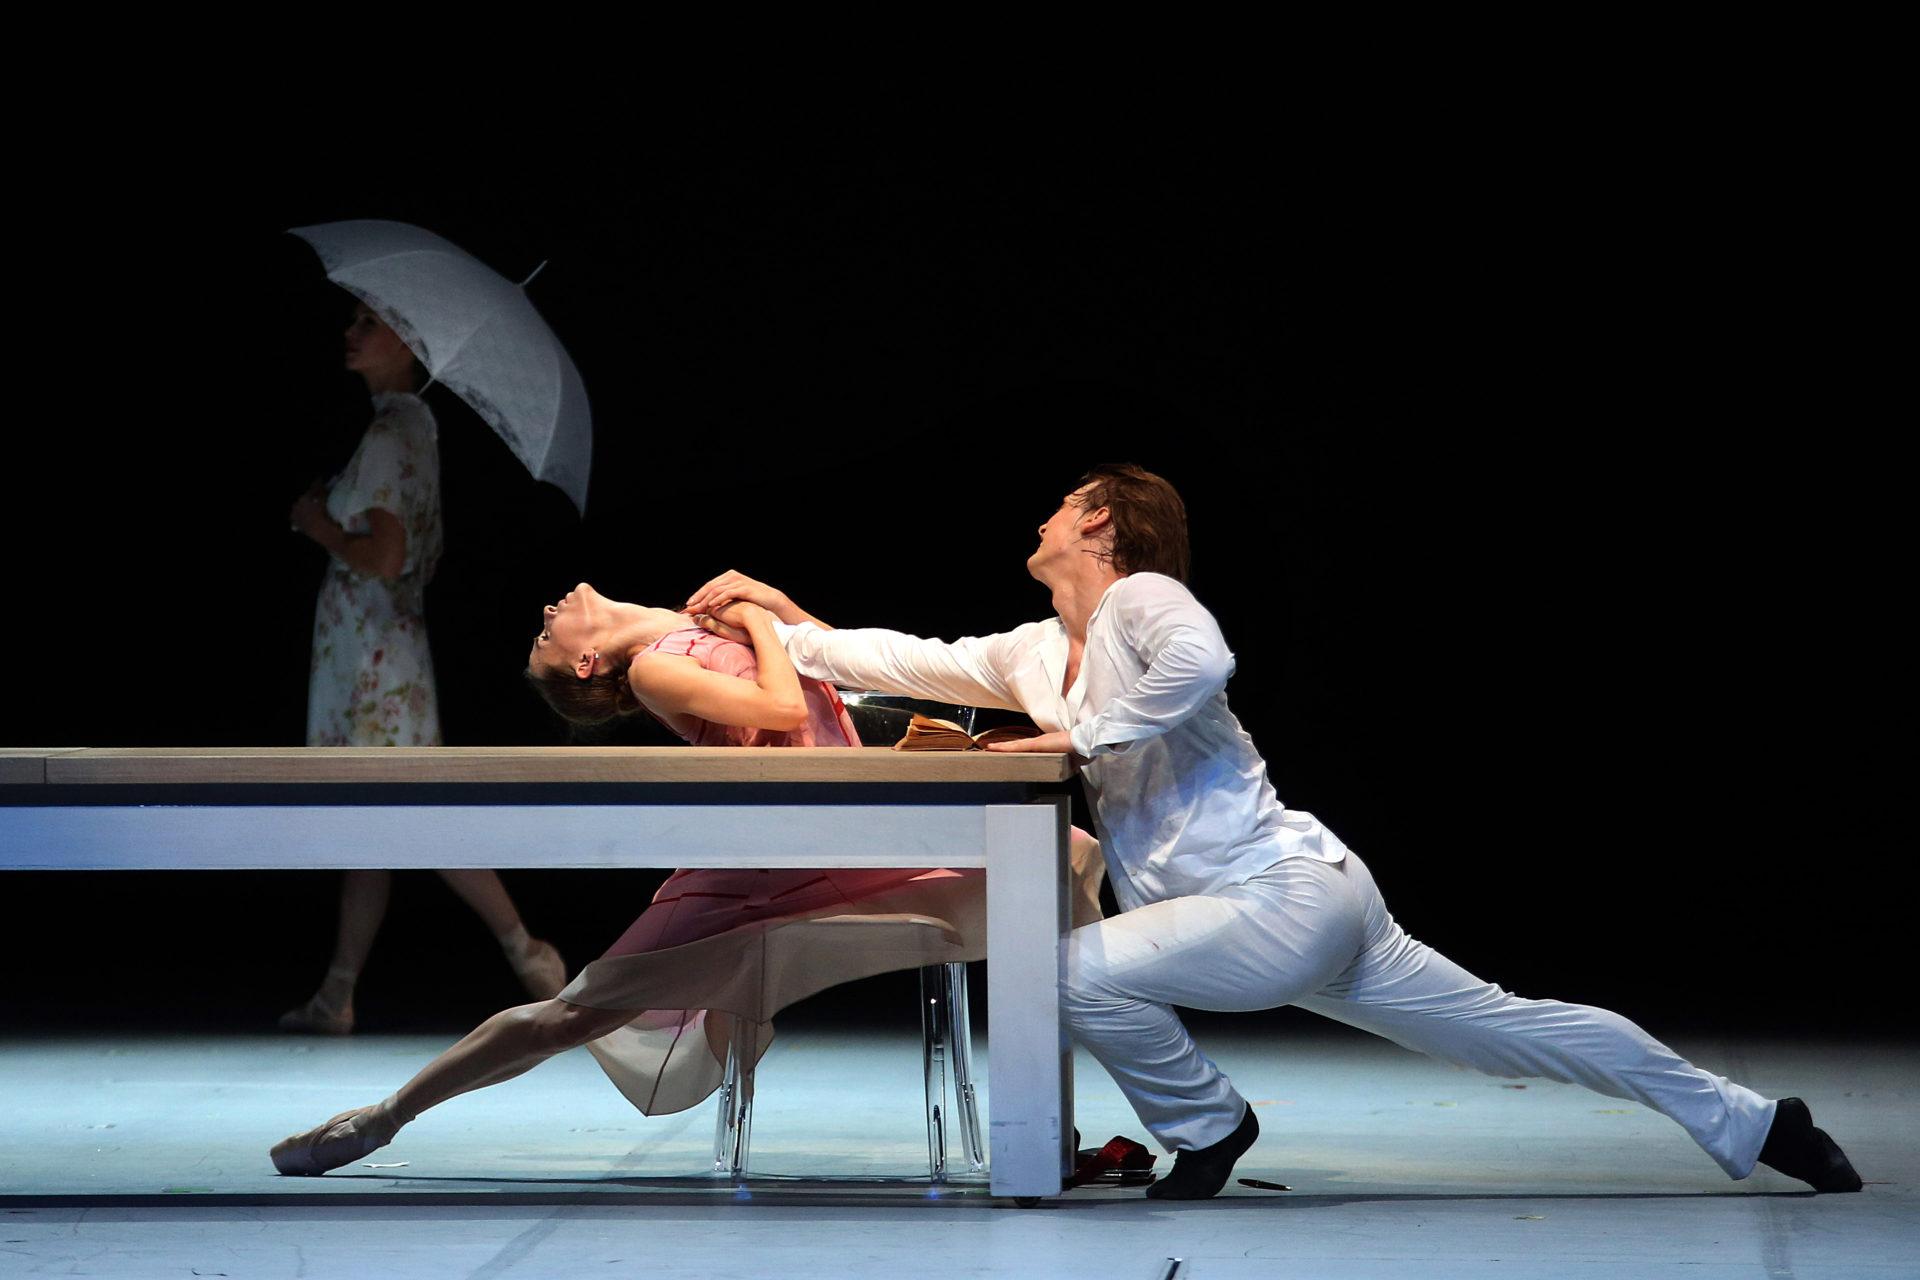 HH_Ballett_Anna_Karenina_AnjaBeutler.de_779